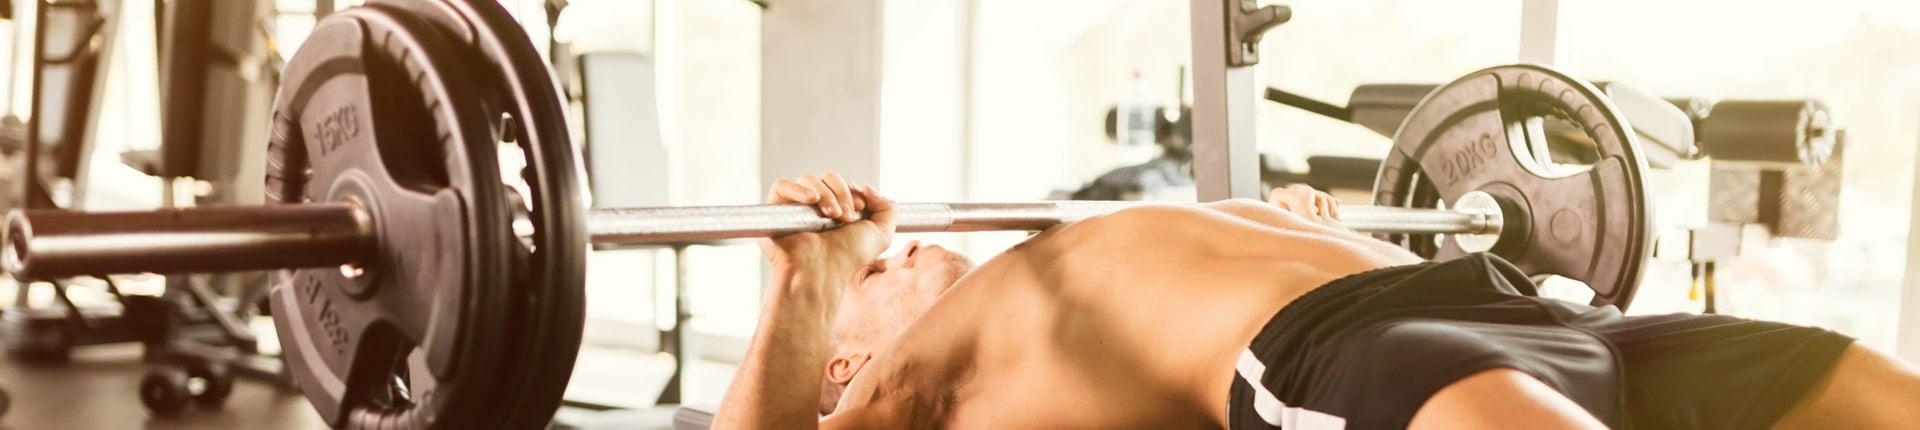 Trening dla zapracowanych - wystarczą 2 godziny w tygodniu!